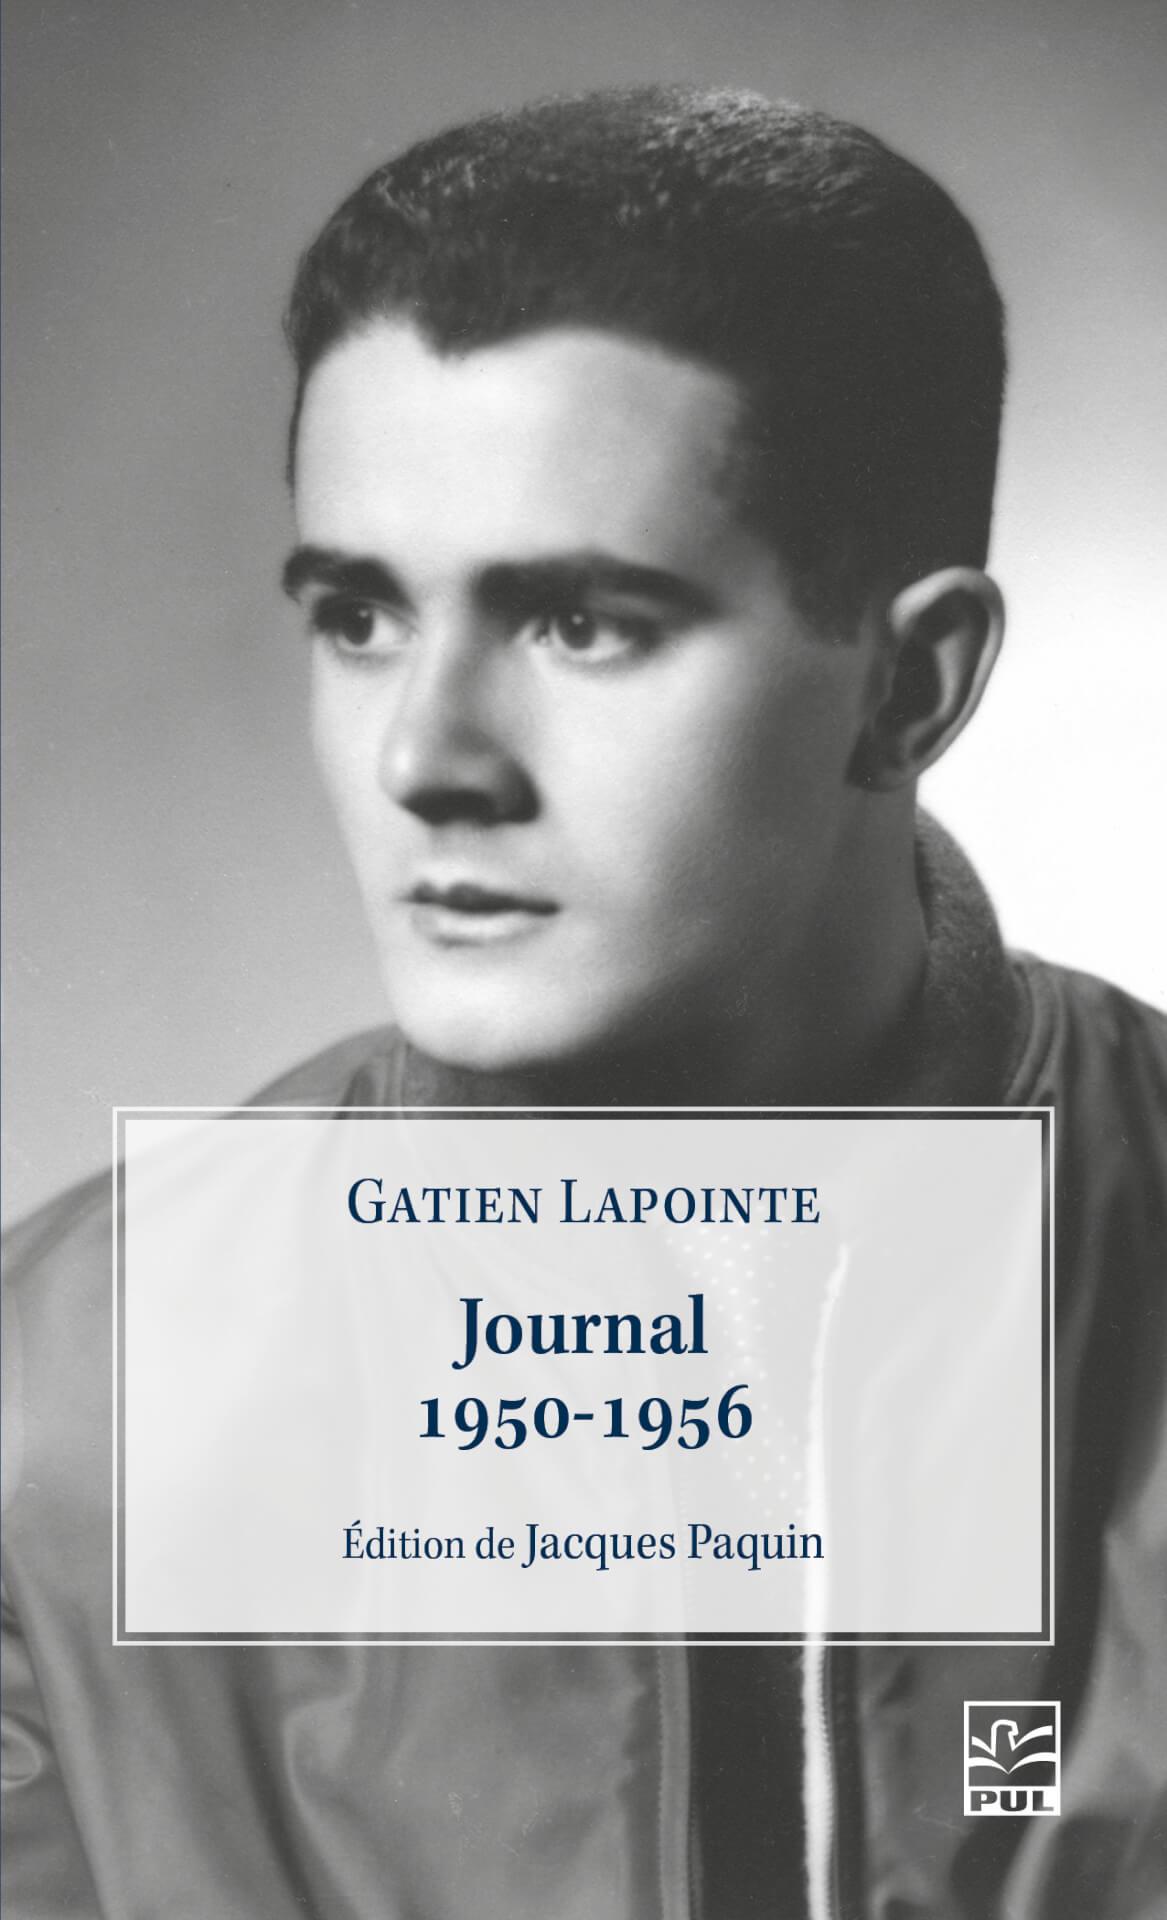 Gatien Lapointe: journal 1950-1956